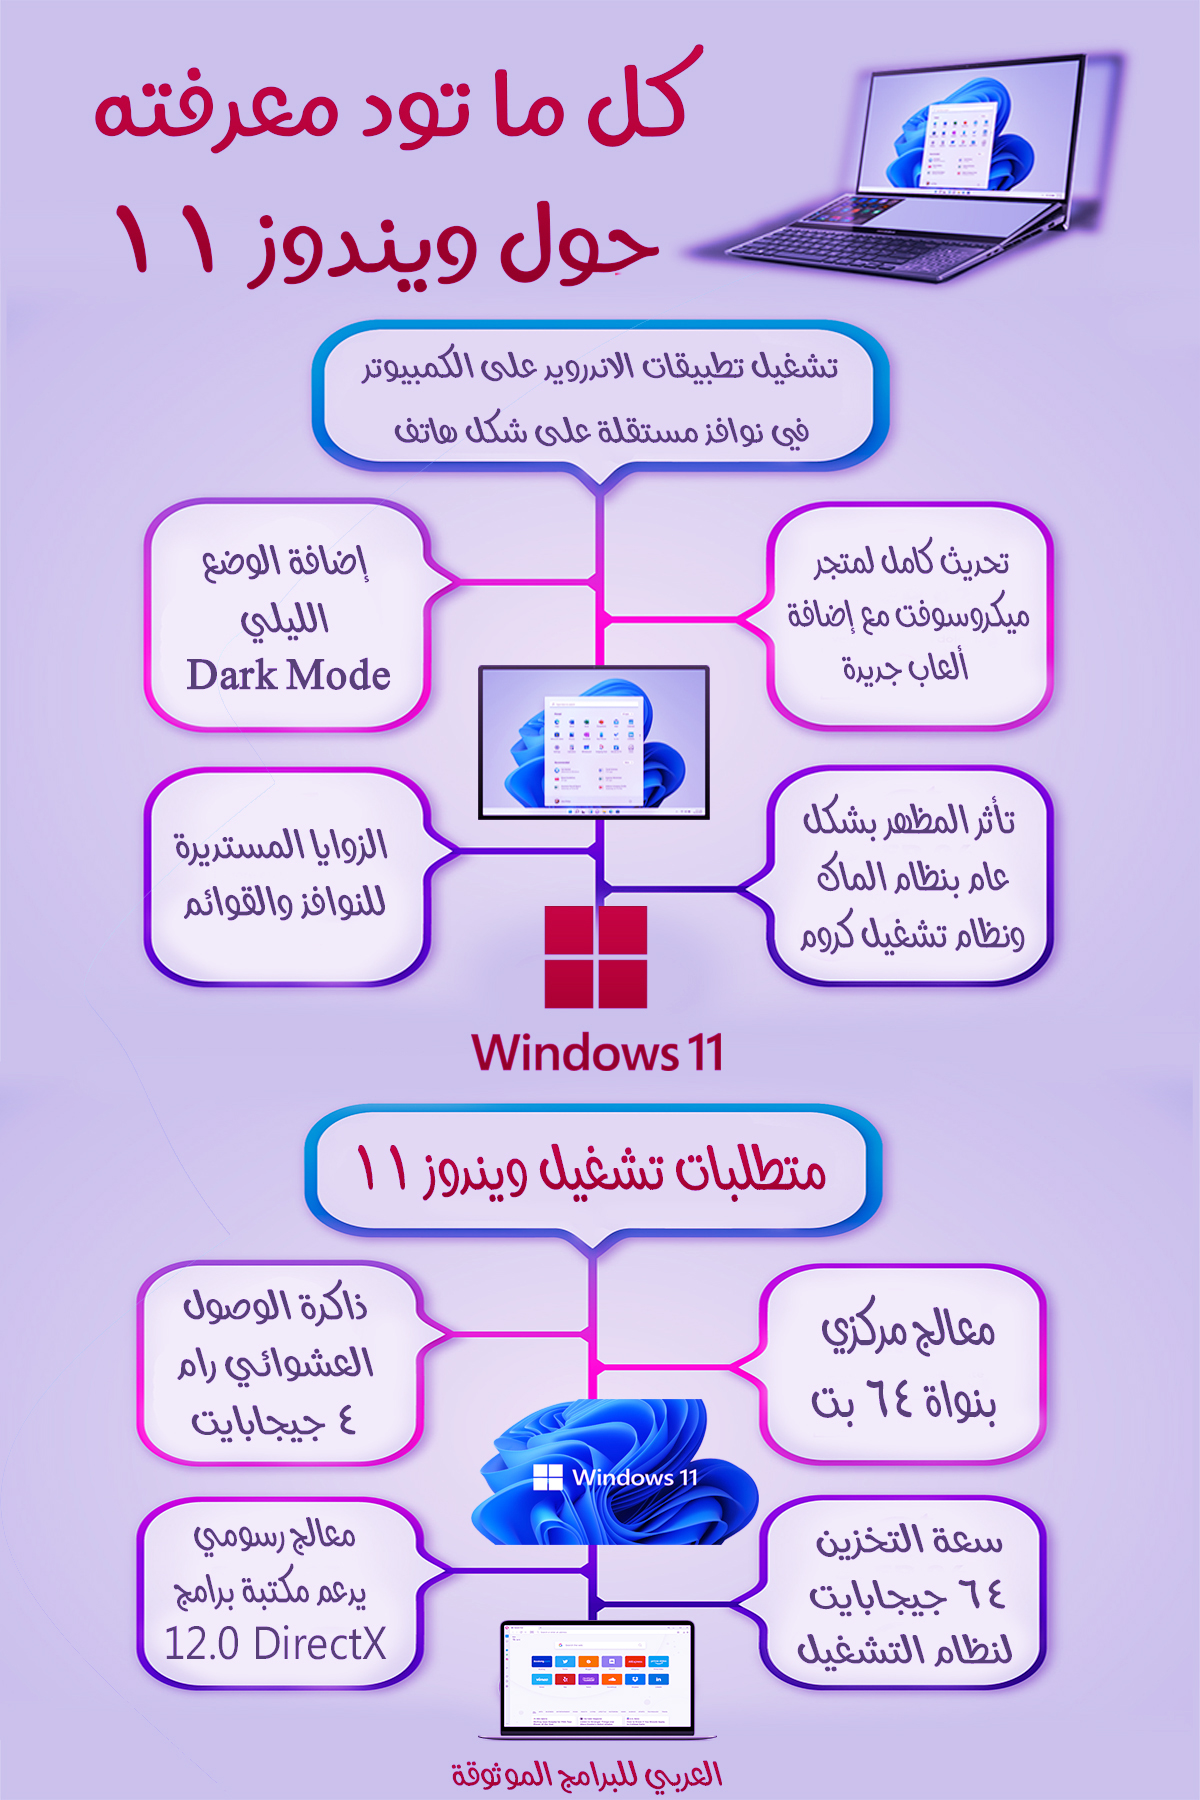 برنامج ويندوز 11 64 بت عربي ويندوز 11 ايزو الاصلية windows 11 64 bit